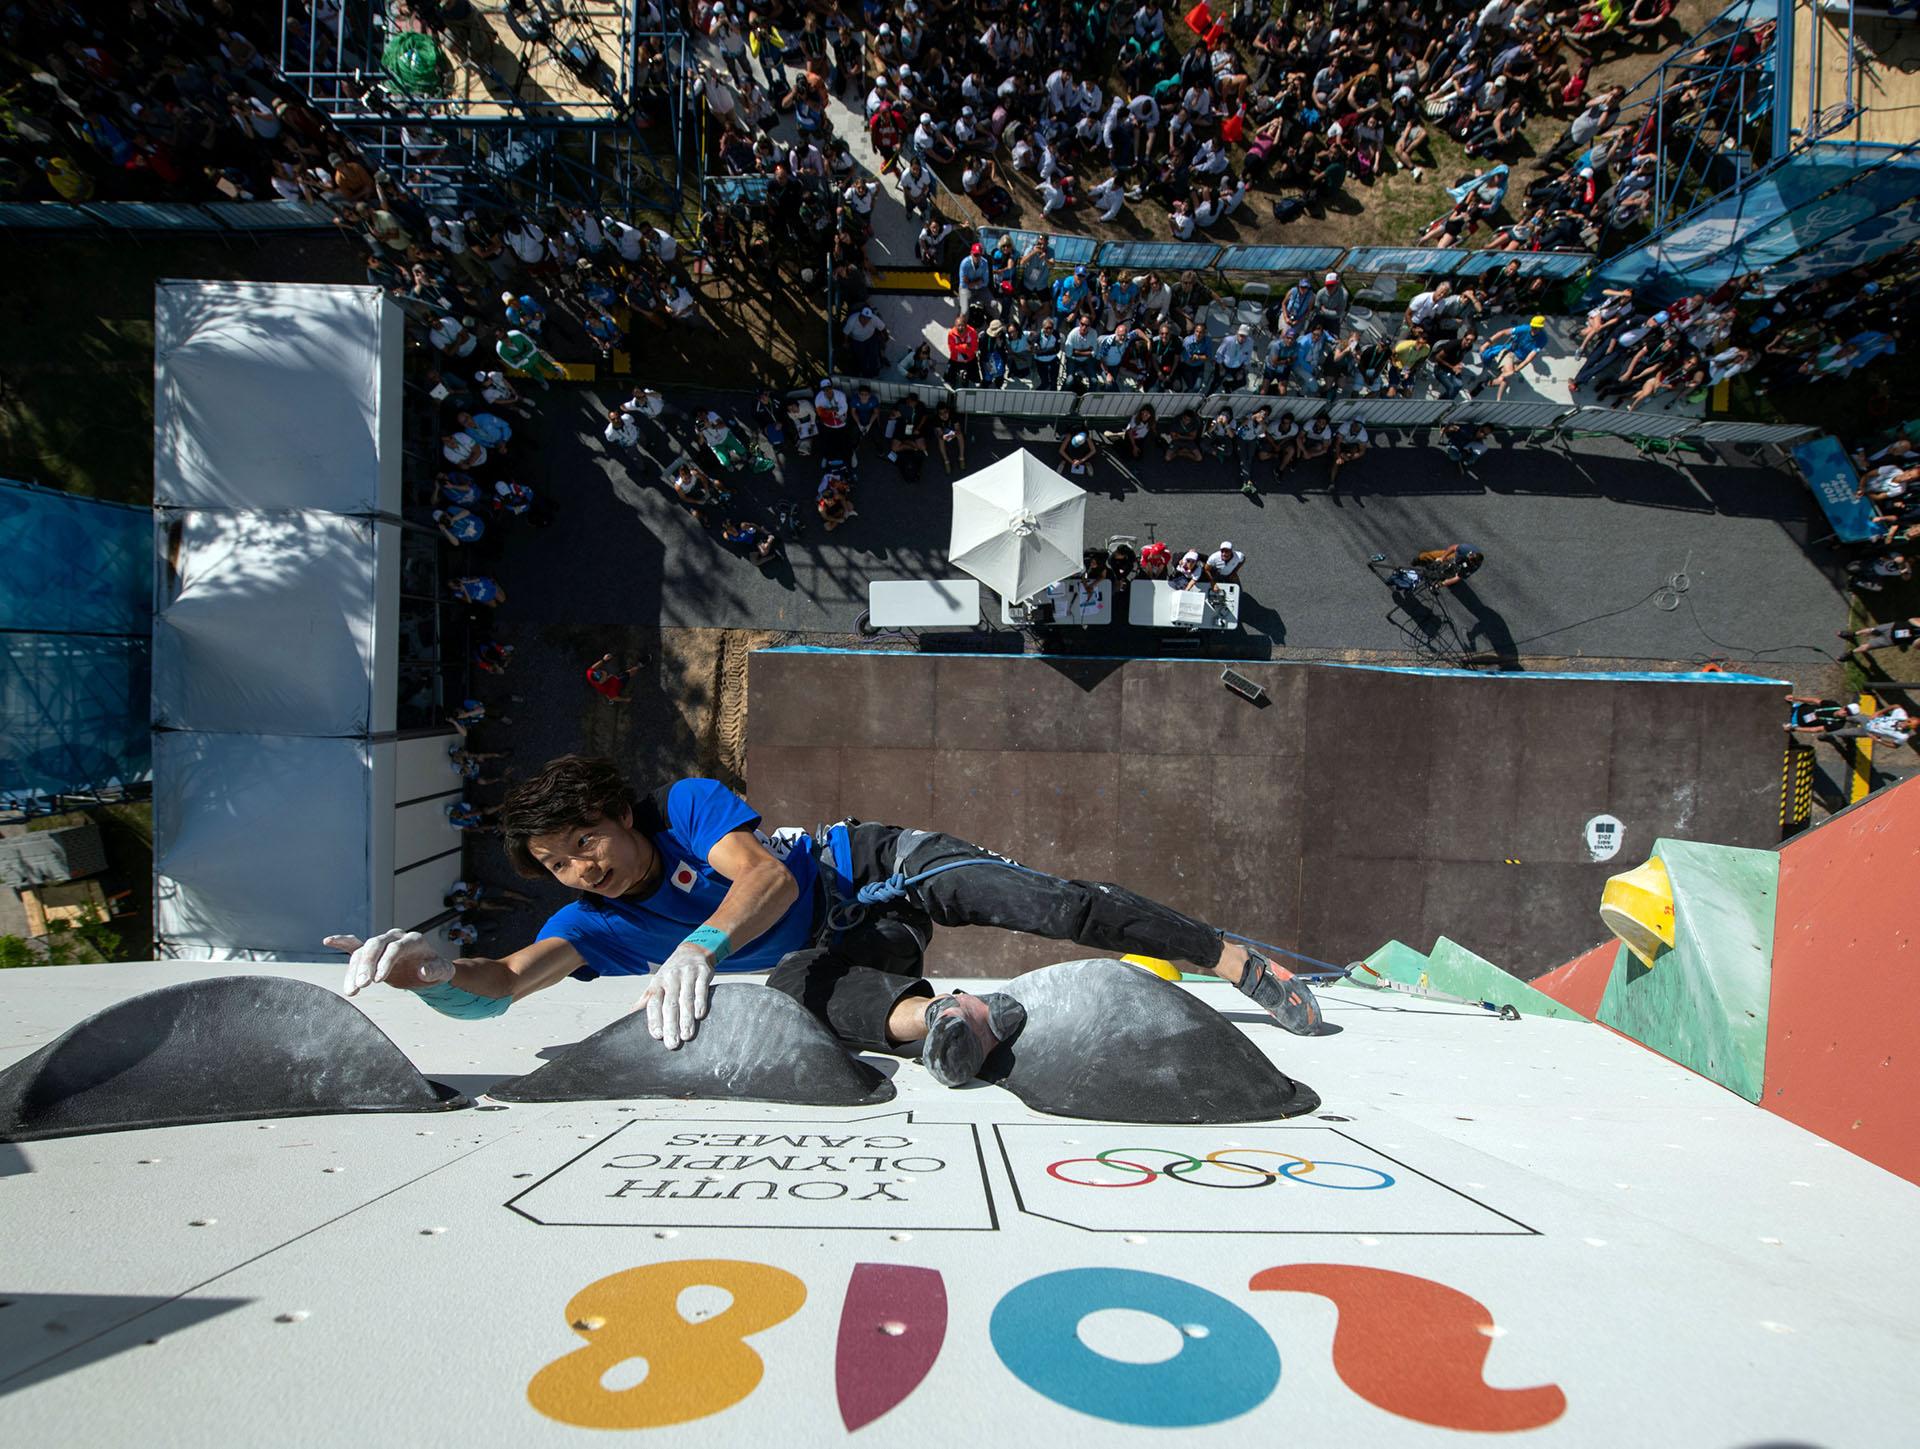 El japonés Keita Dohi of Japan, en la final de la prueba de escalada combinada